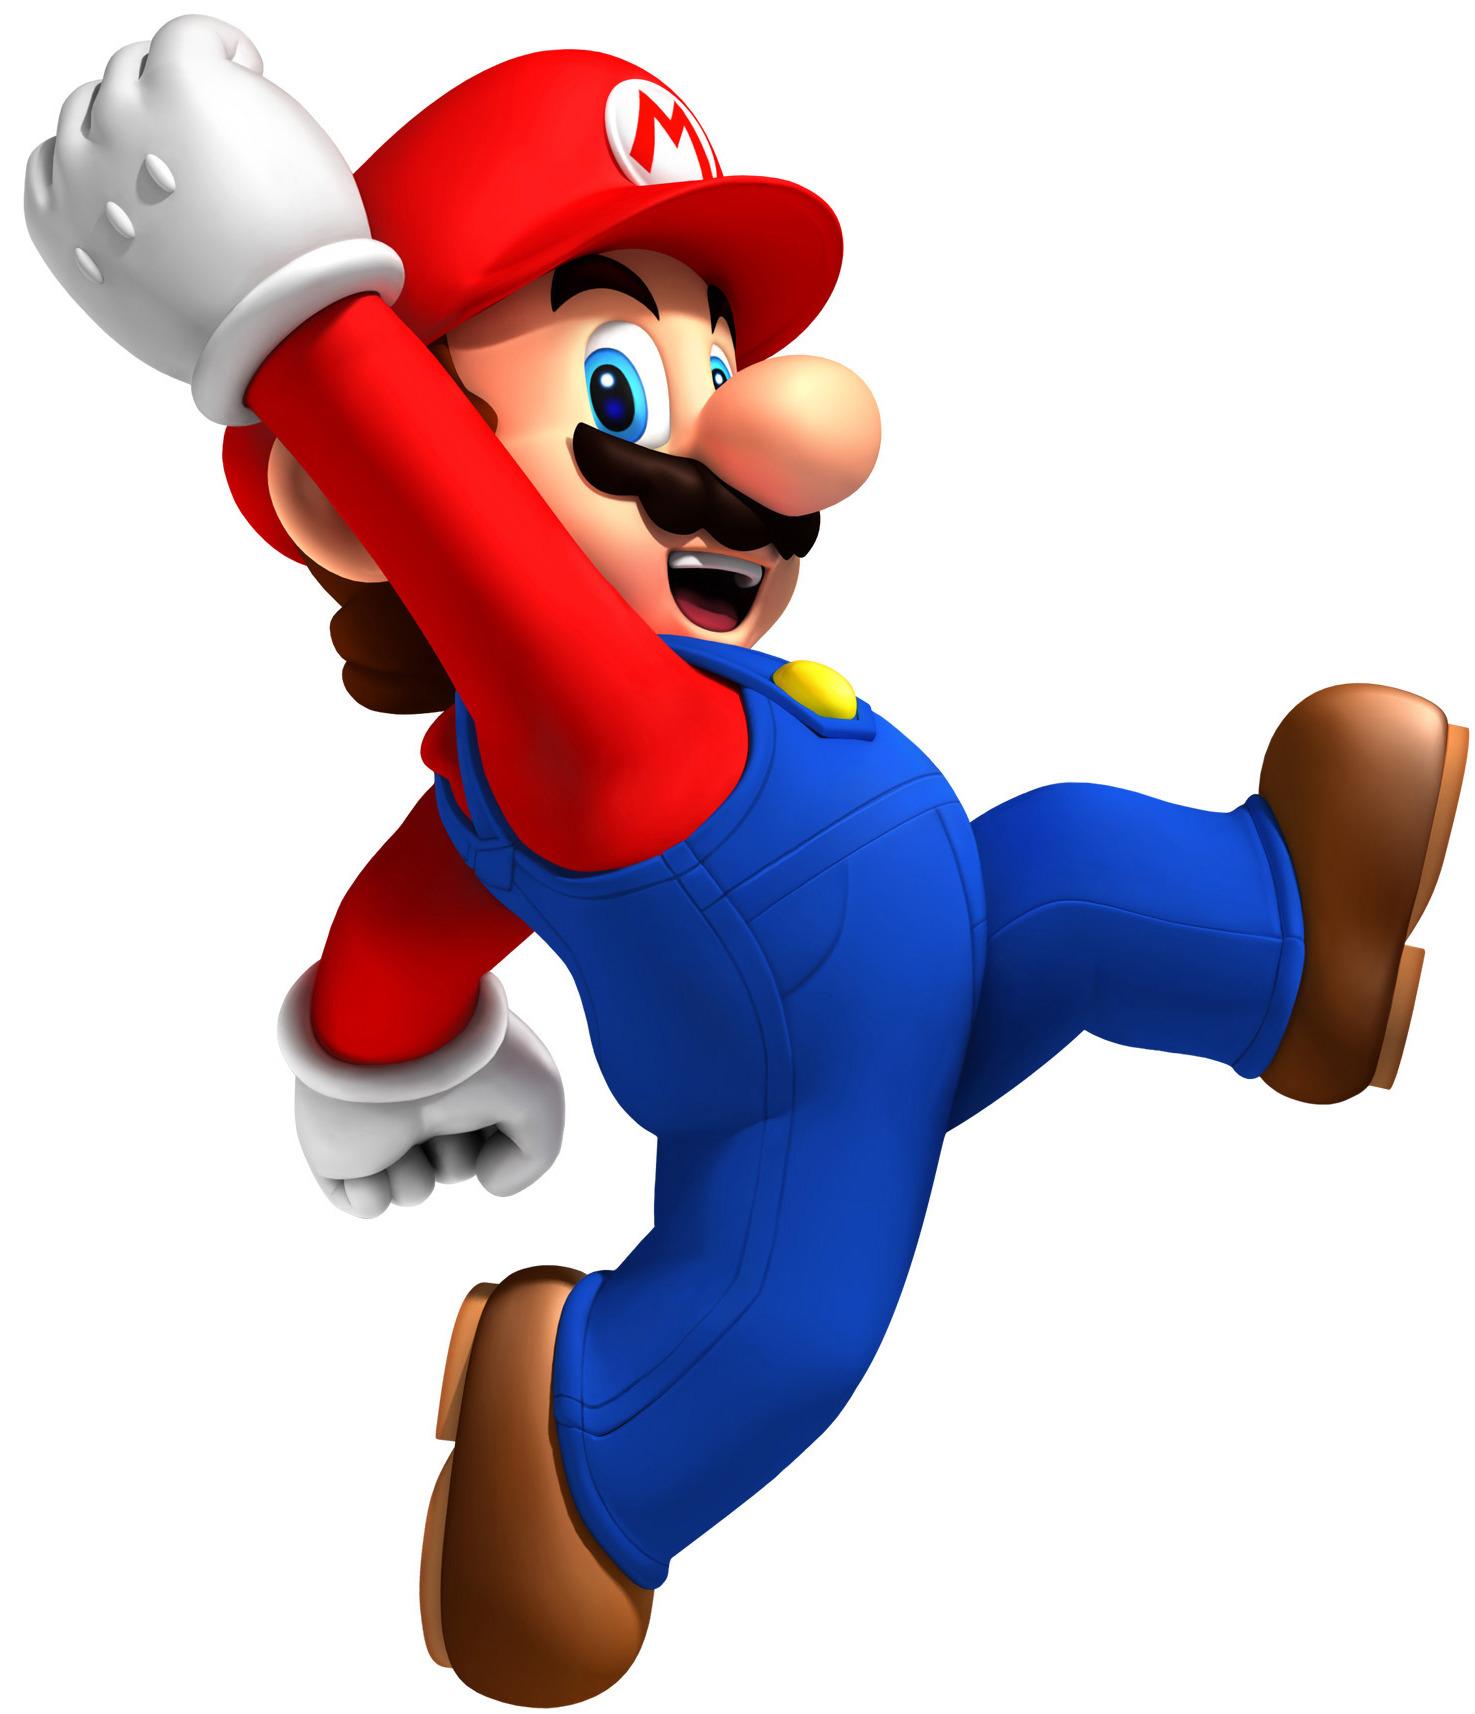 Mario clipart old Powered MarioWiki Description Physical Mario